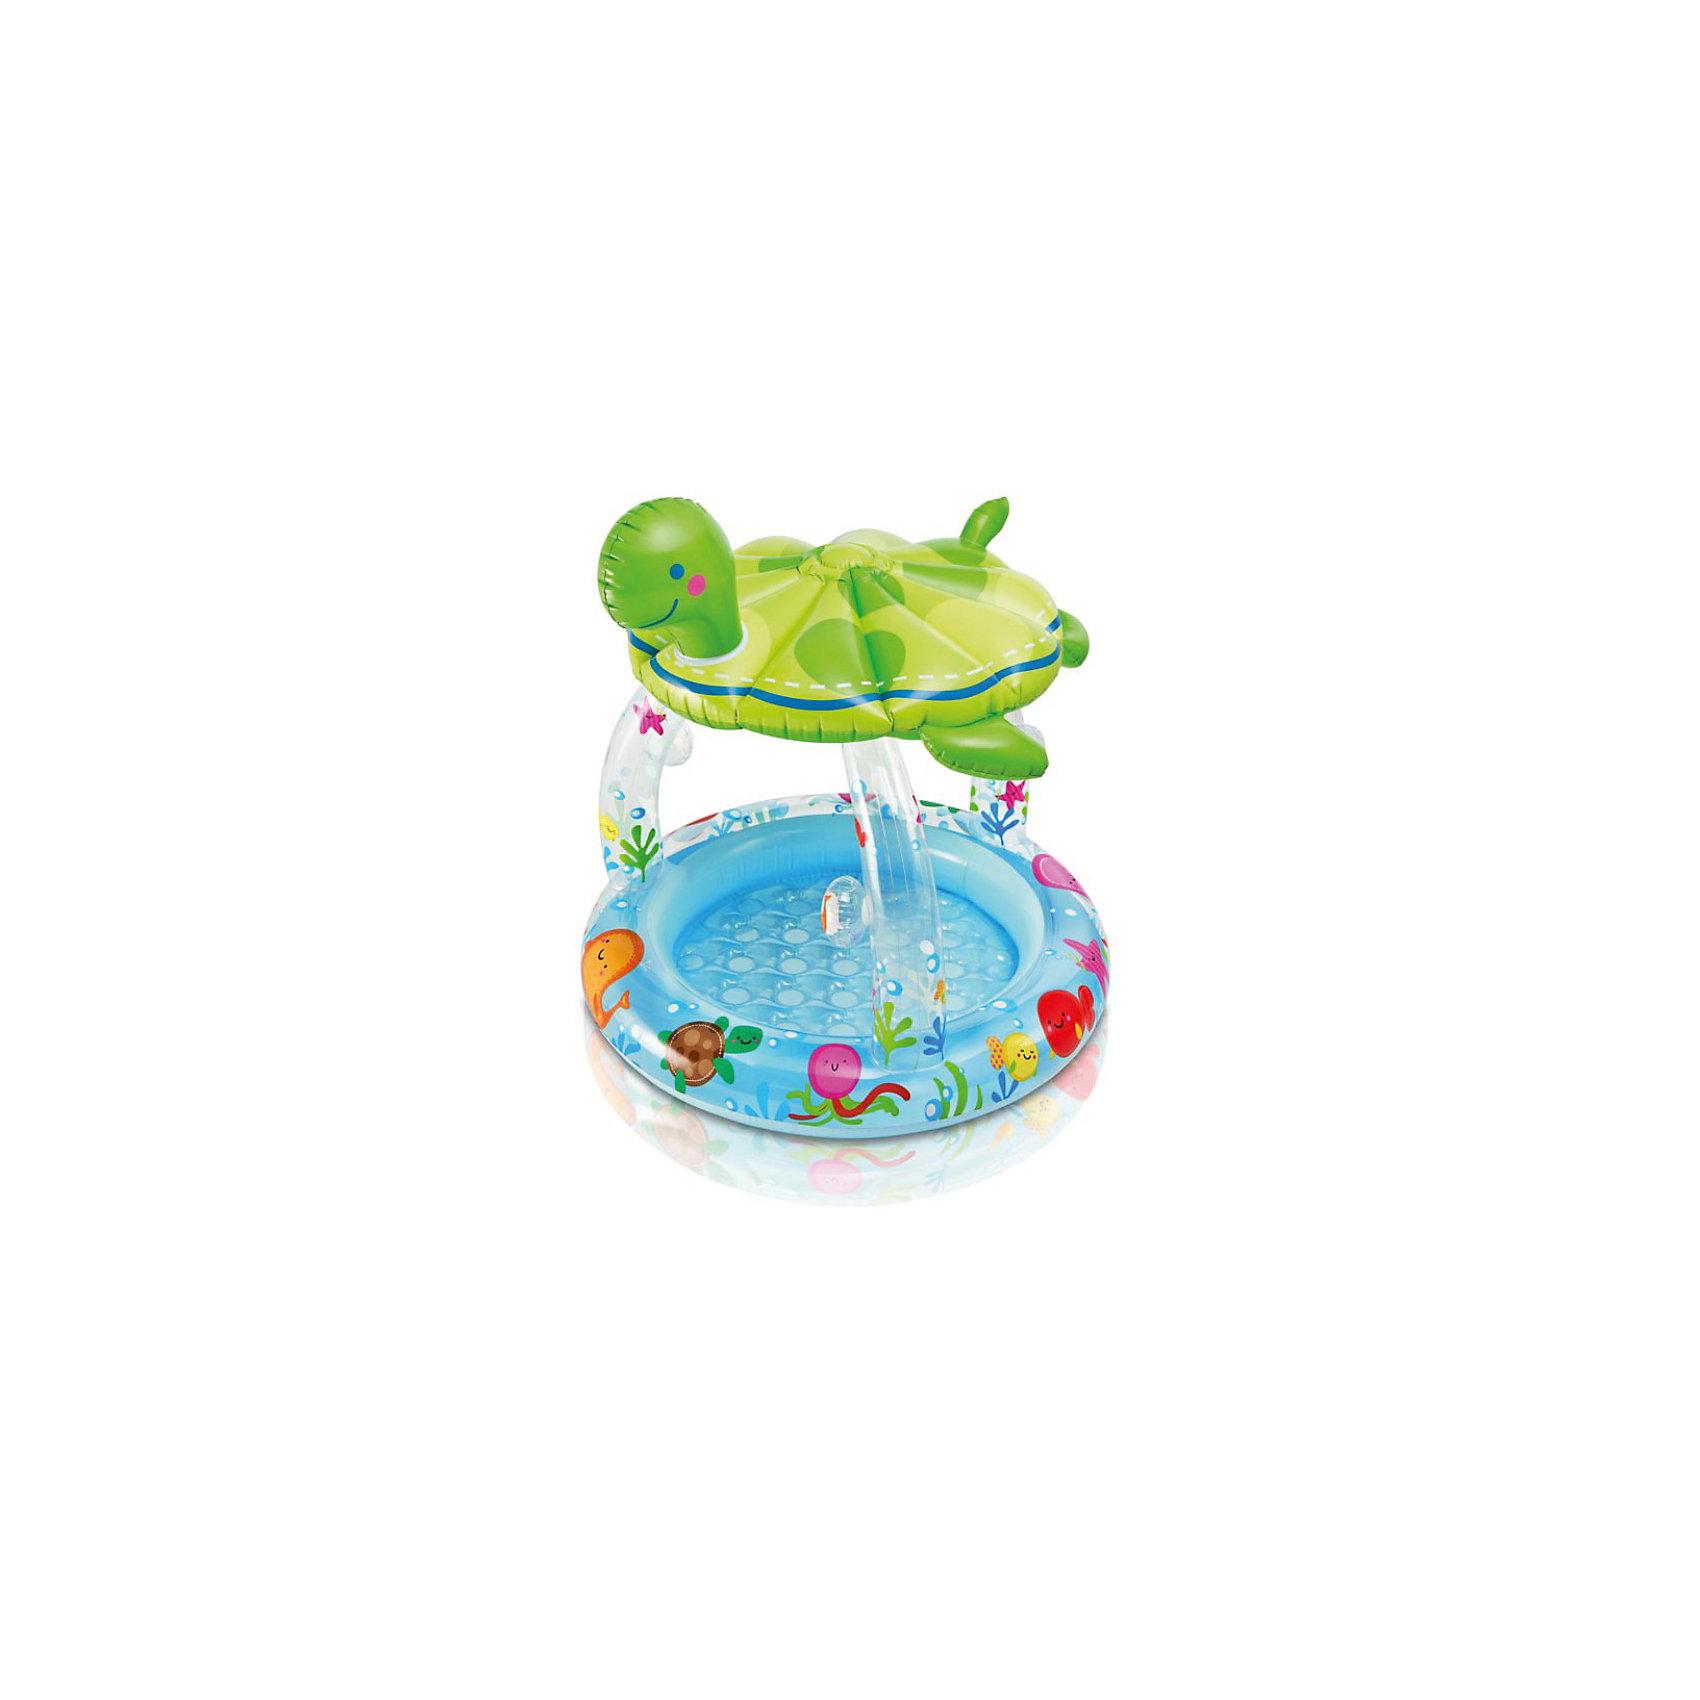 Бассейн с навесом Морская черепашка,  IntexКрасивый бассейн, выполненный в оригинальном дизайне и яркой цветовой гамме, обязательно понравится малышам. Бассейн имеет навес, который защитит ребенка от солнца. Изготовлен из  высококачественного материала, прочный, безопасный для детей. Бассейн можно использовать как на улице, так и в помещении, в качестве игрового домика для ребенка. <br><br>Дополнительная информация:<br><br>- Материал: ПВХ.<br>- Размер: 102х107 см.<br>- Объем: 50 литров.<br>- Цвет: зеленый, голубой.<br><br>Бассейн с навесом Морская черепашка,  Intex, можно купить в нашем магазине.<br><br>Ширина мм: 255<br>Глубина мм: 230<br>Высота мм: 94<br>Вес г: 1606<br>Возраст от месяцев: 12<br>Возраст до месяцев: 36<br>Пол: Унисекс<br>Возраст: Детский<br>SKU: 3763657